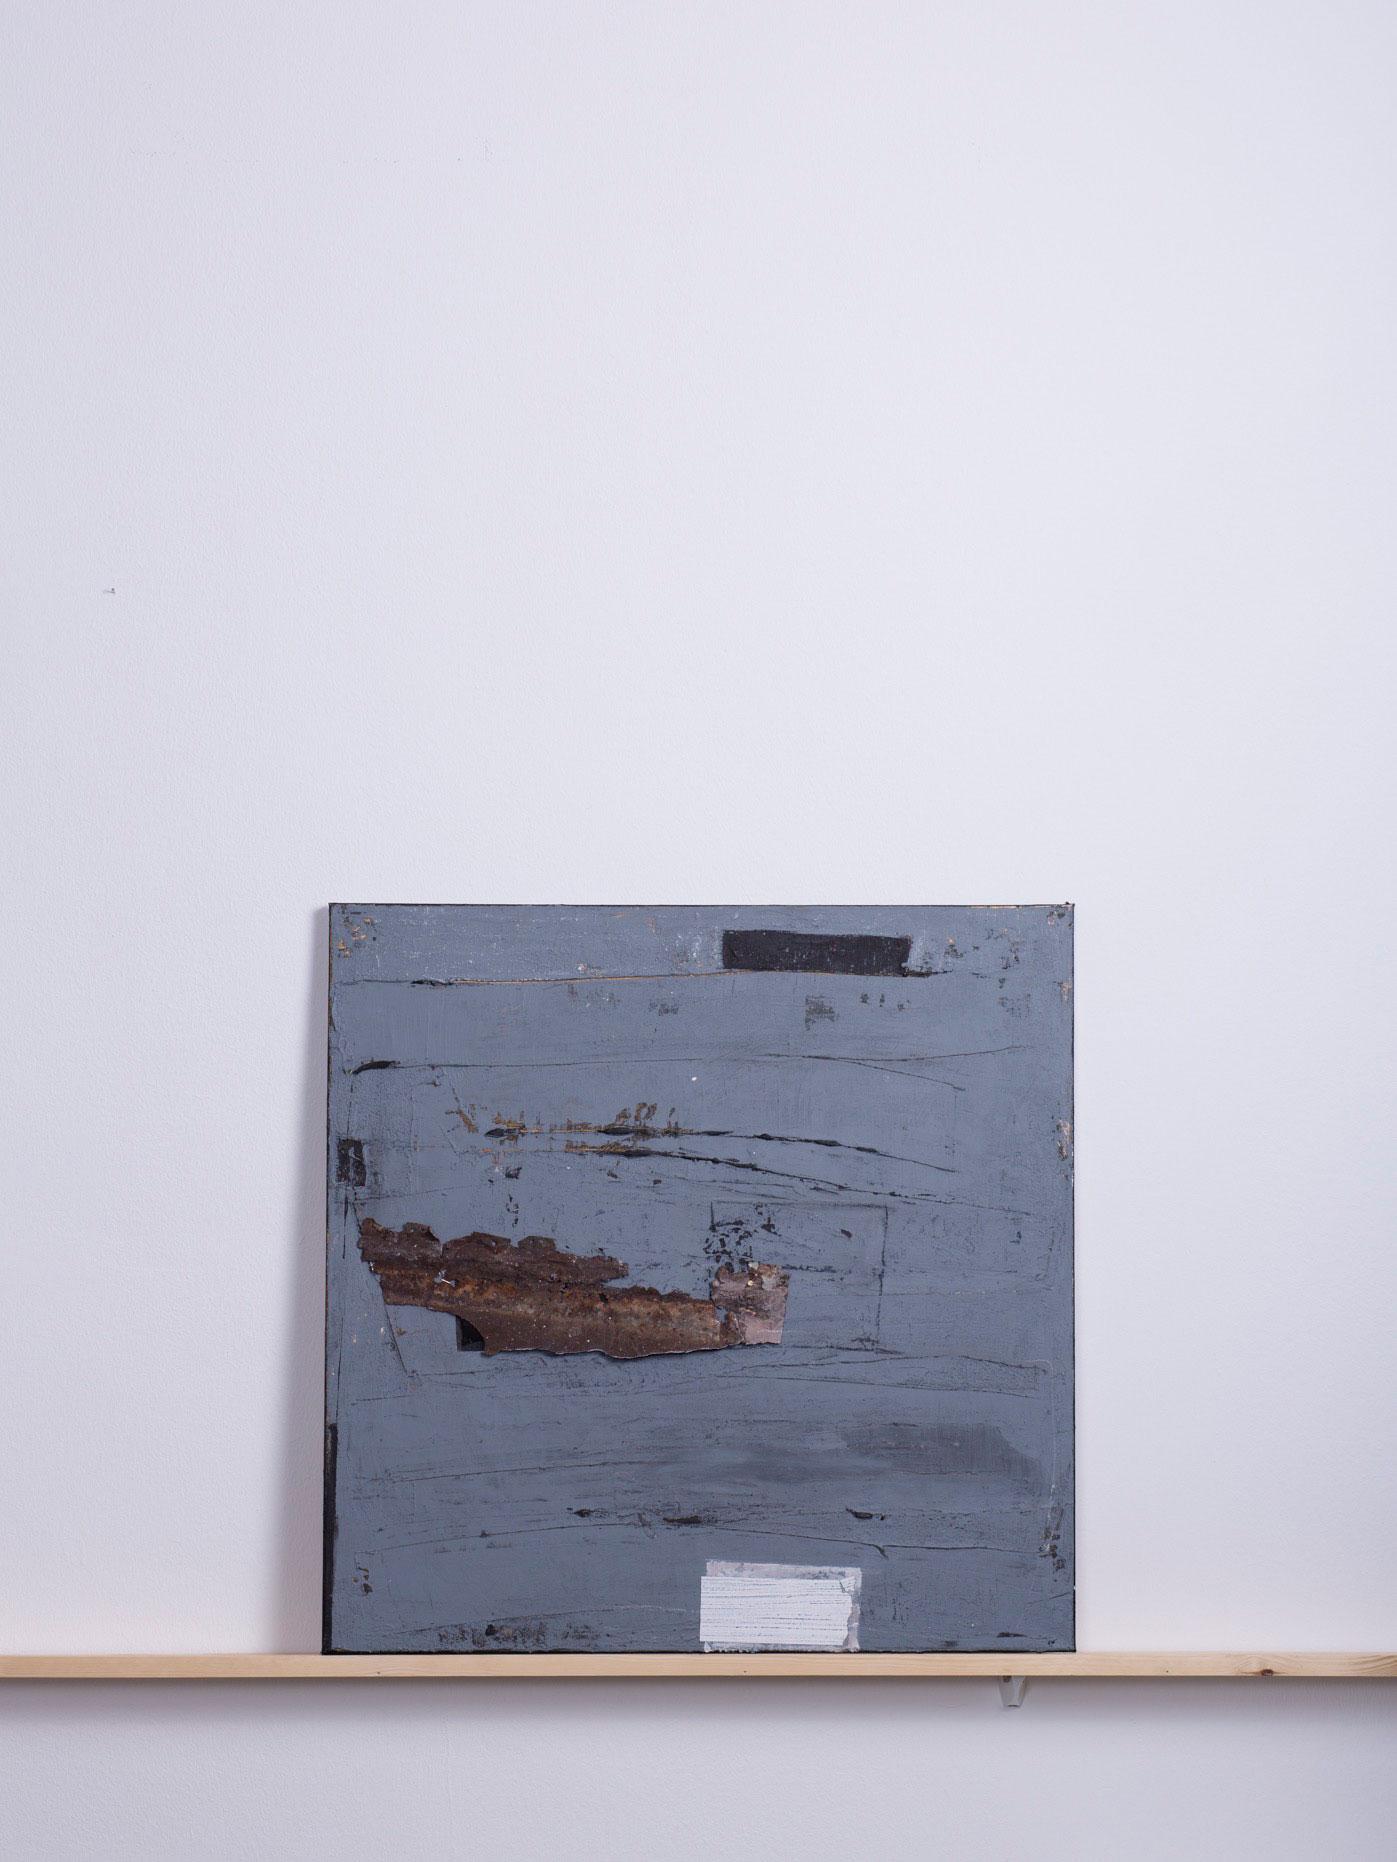 Ferrytau, 2011 - 70x70 cm, <br>Acryl, Kreide und Rostblech auf Leinwand